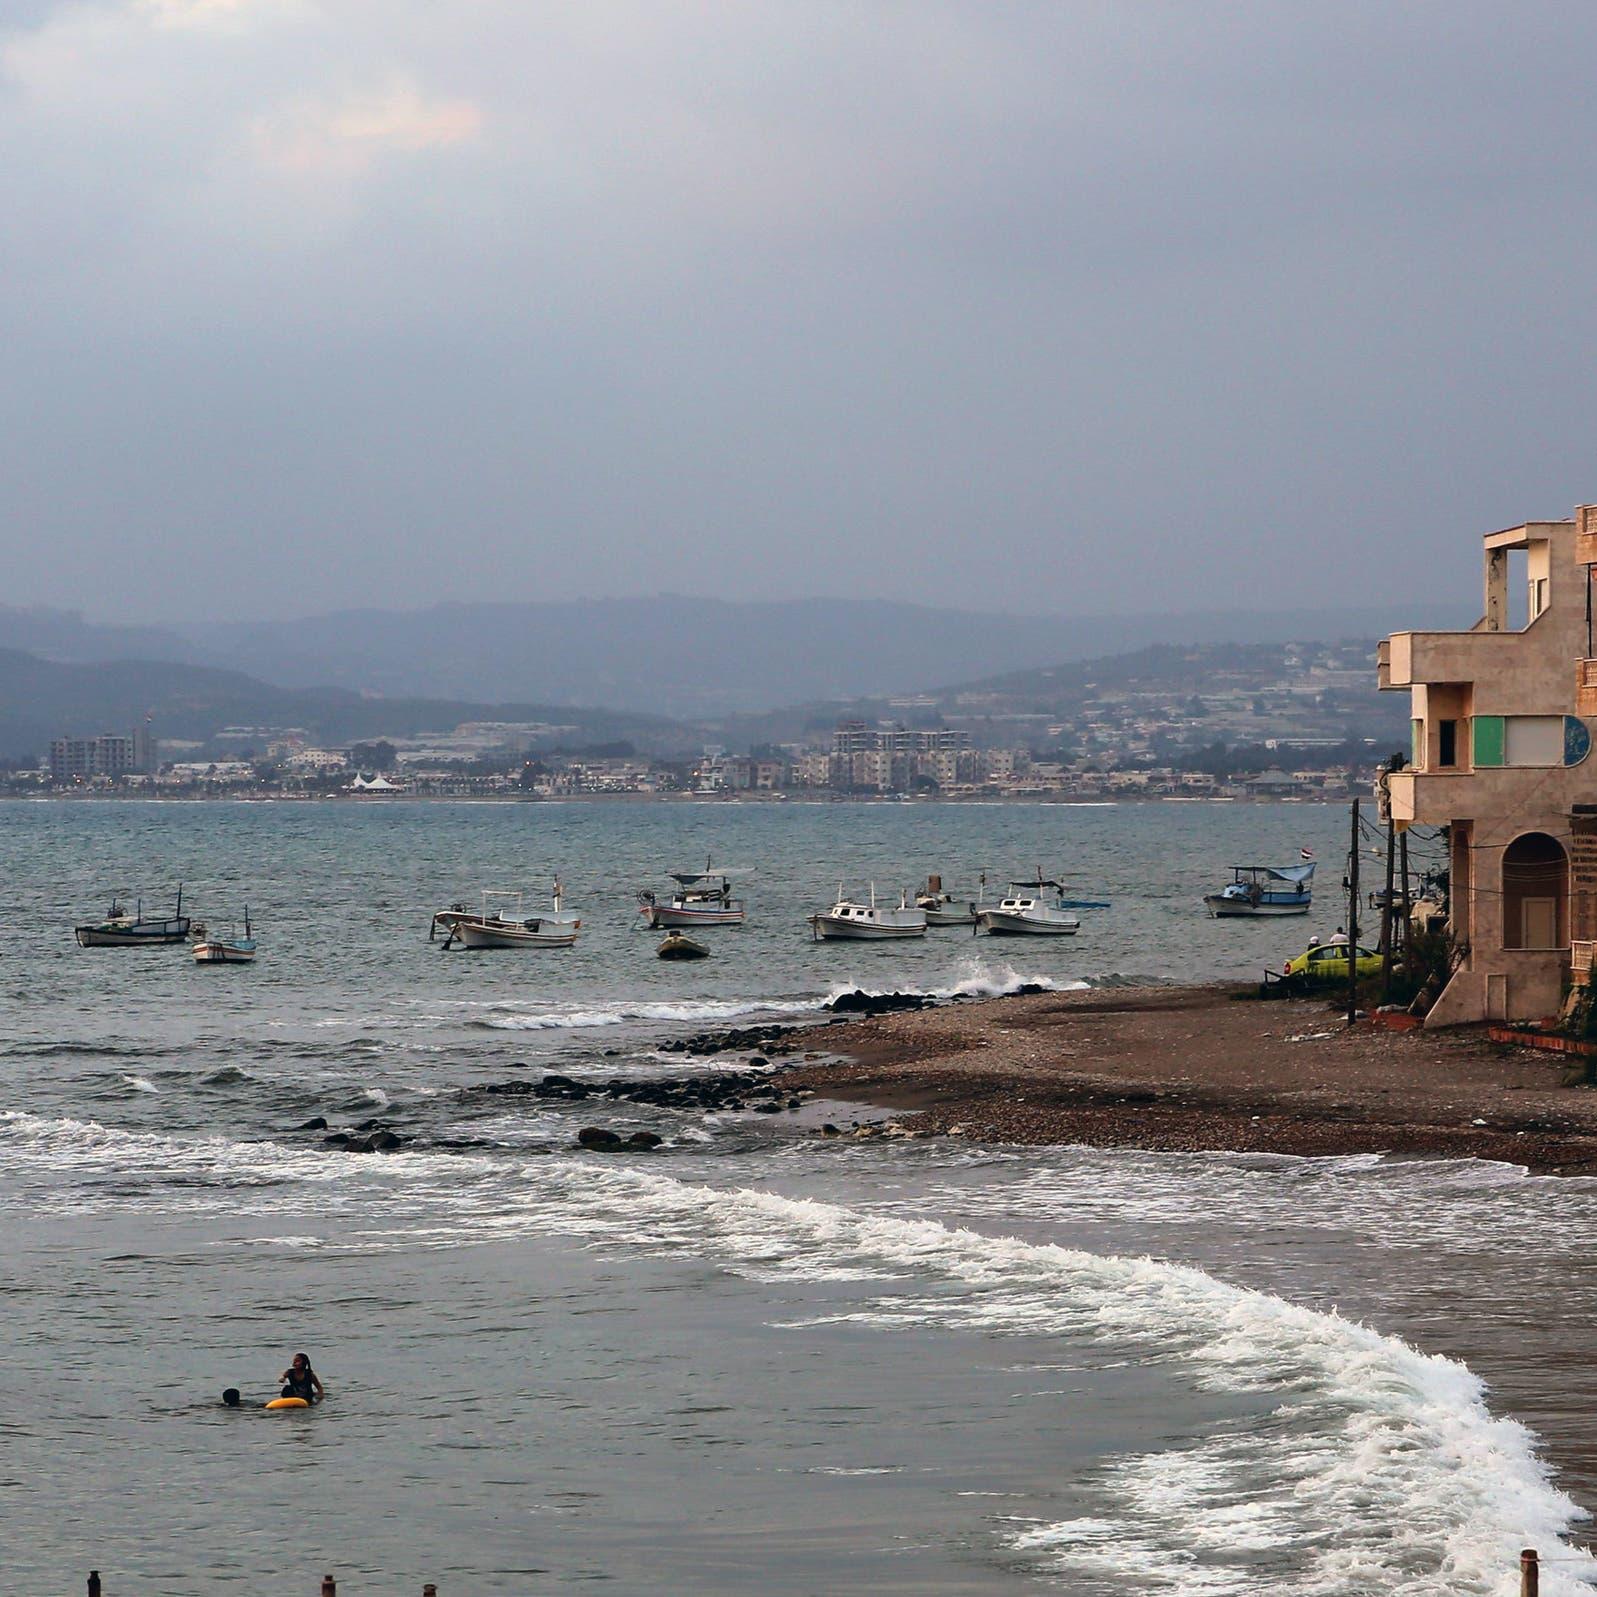 مرفأ إيران على البحر المتوسط على حدود سوريا ولبنان